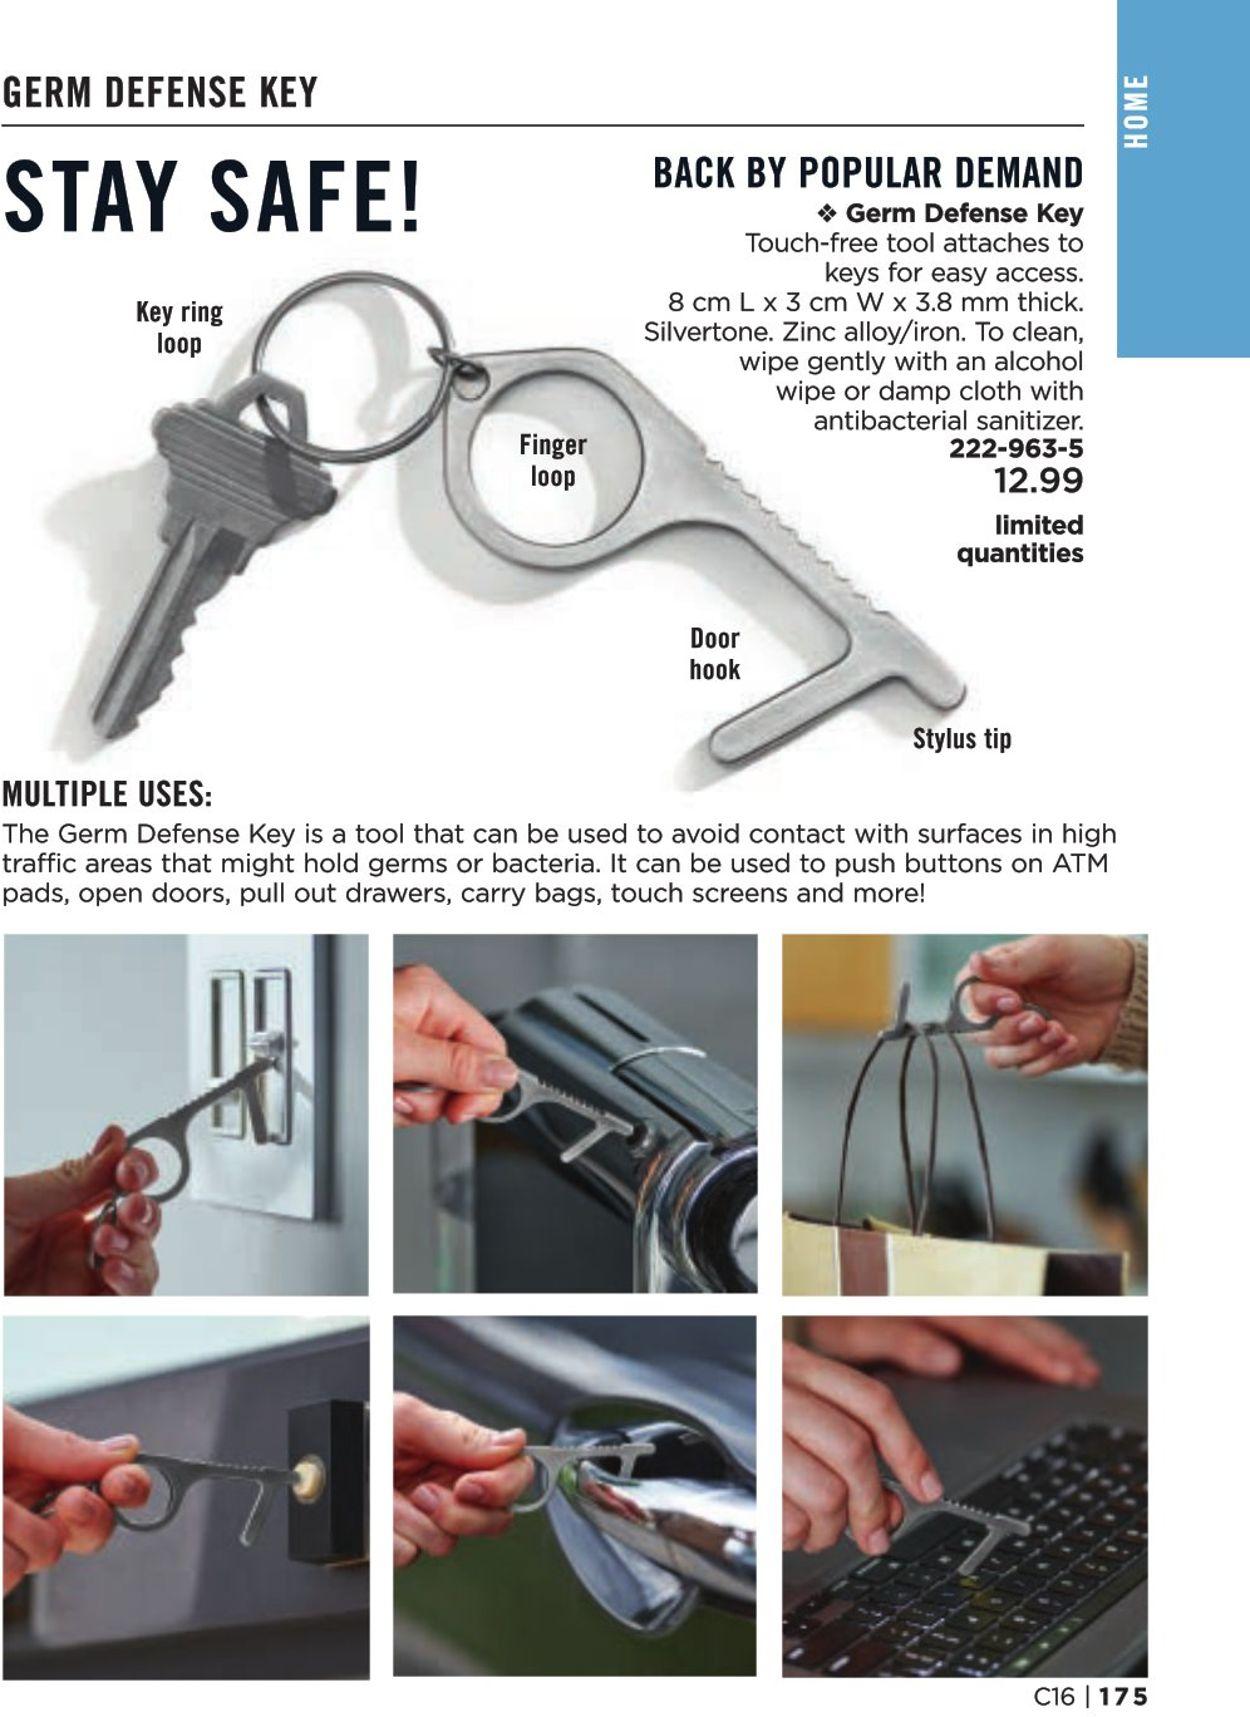 Avon Flyer - 07/04-07/25/2021 (Page 175)